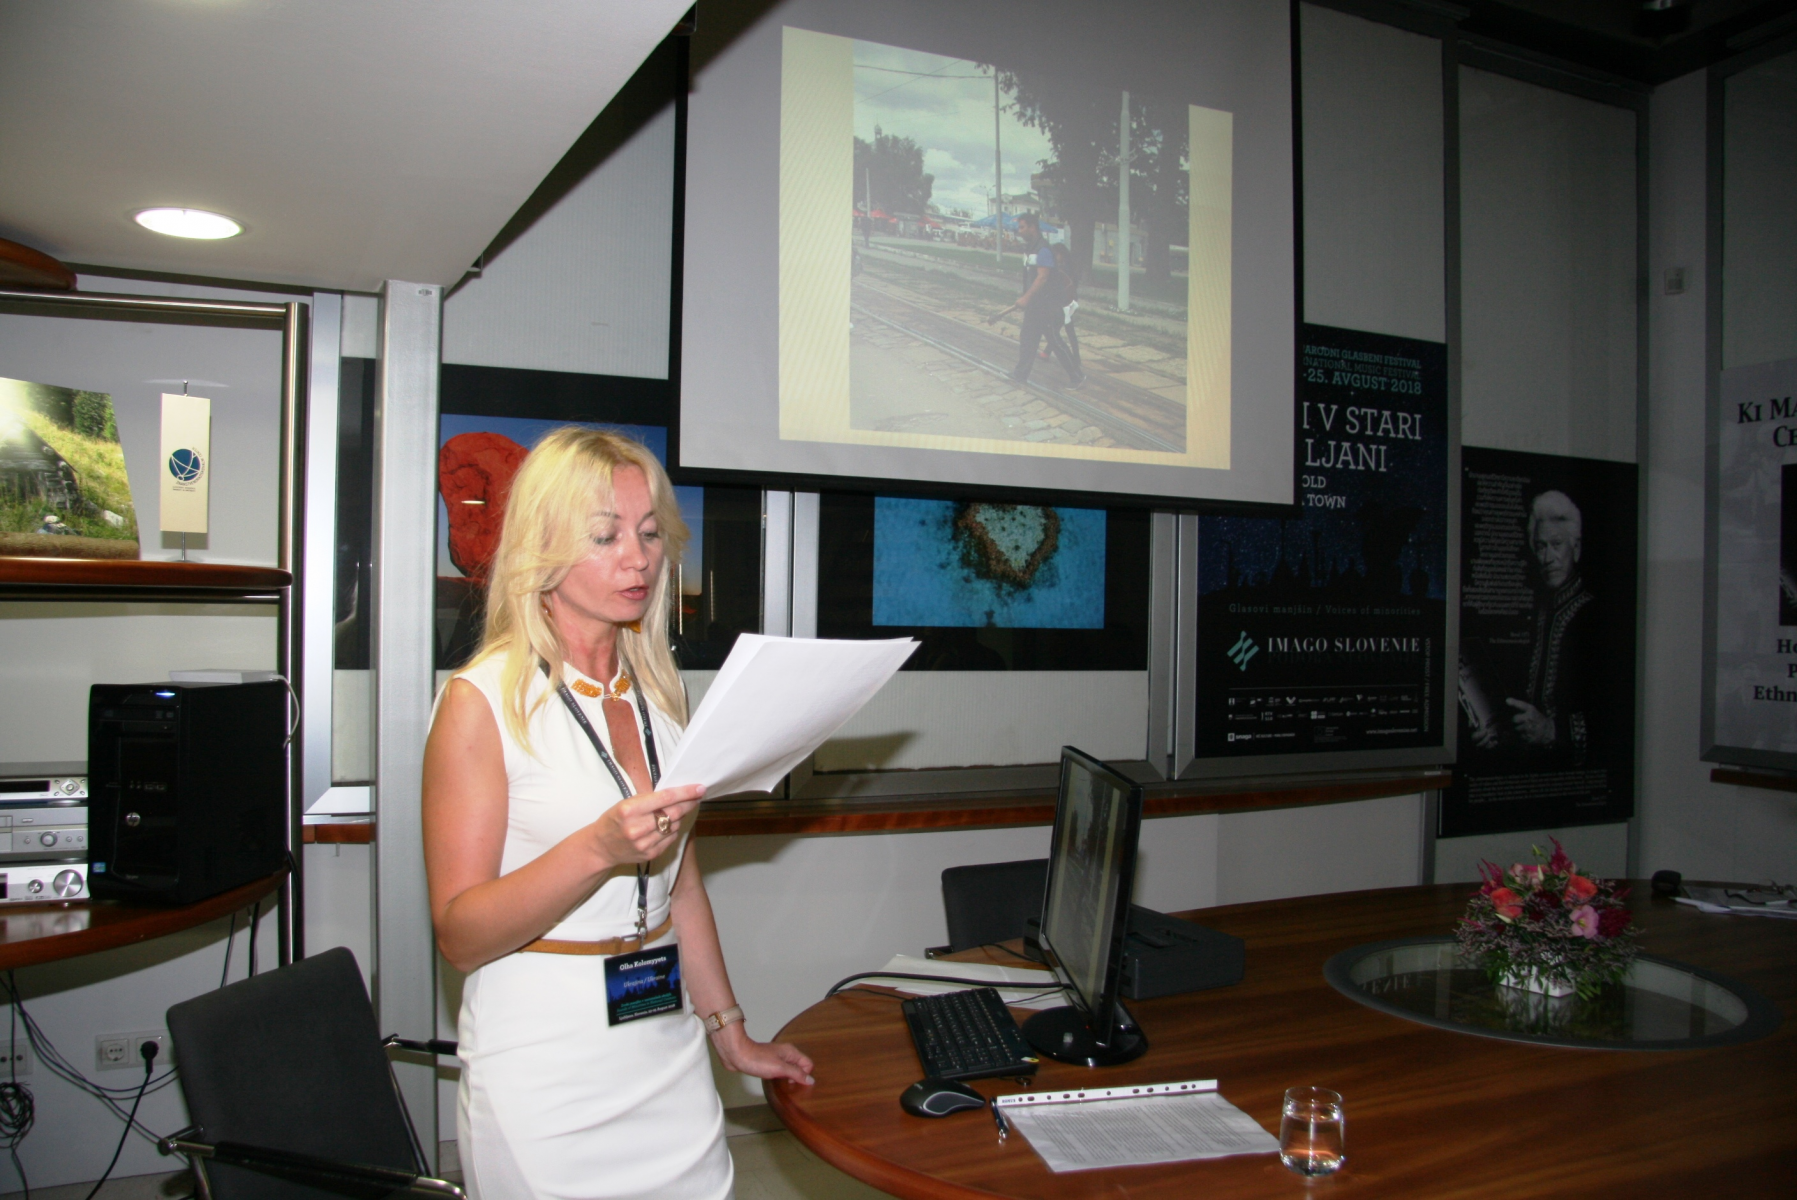 Dr. Olha Kolomyetts, nacionalna predstavnica Ukrajine pri Mednarodnem združenju za tradicijsko glasbo (ICTM). Udeleženka sekcije Manjšine v slovanskih okoljih. Foto: Urša Šivic.